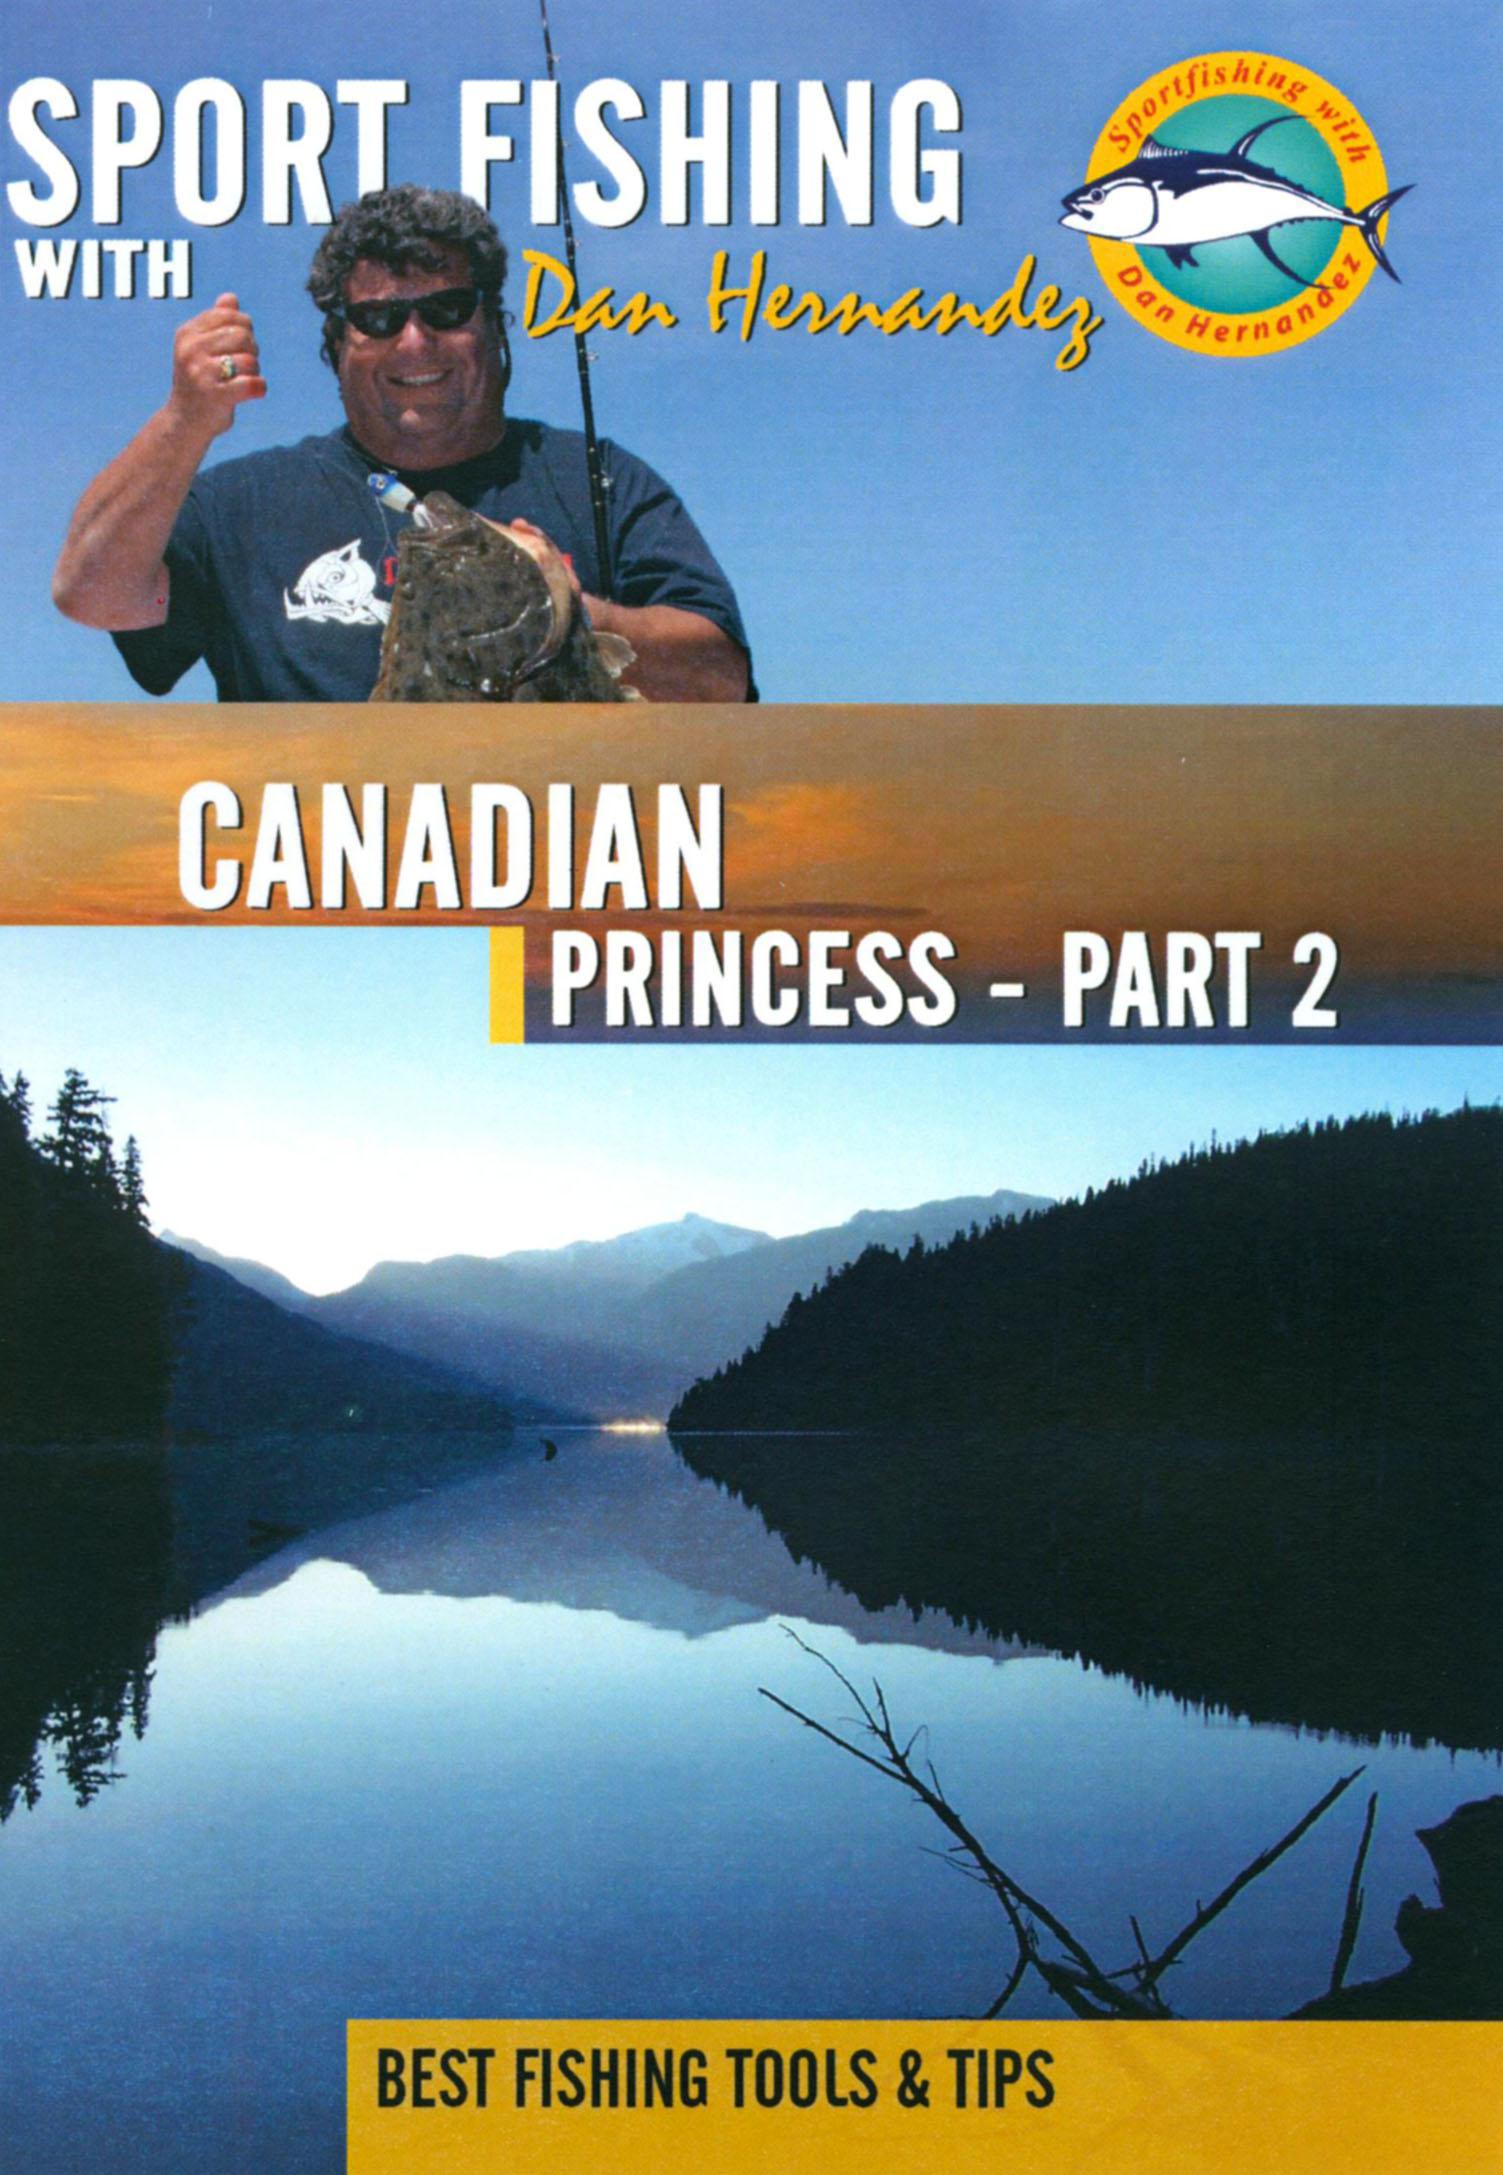 Sport Fishing With Dan Hernandez: Canadian Princess, Part 2